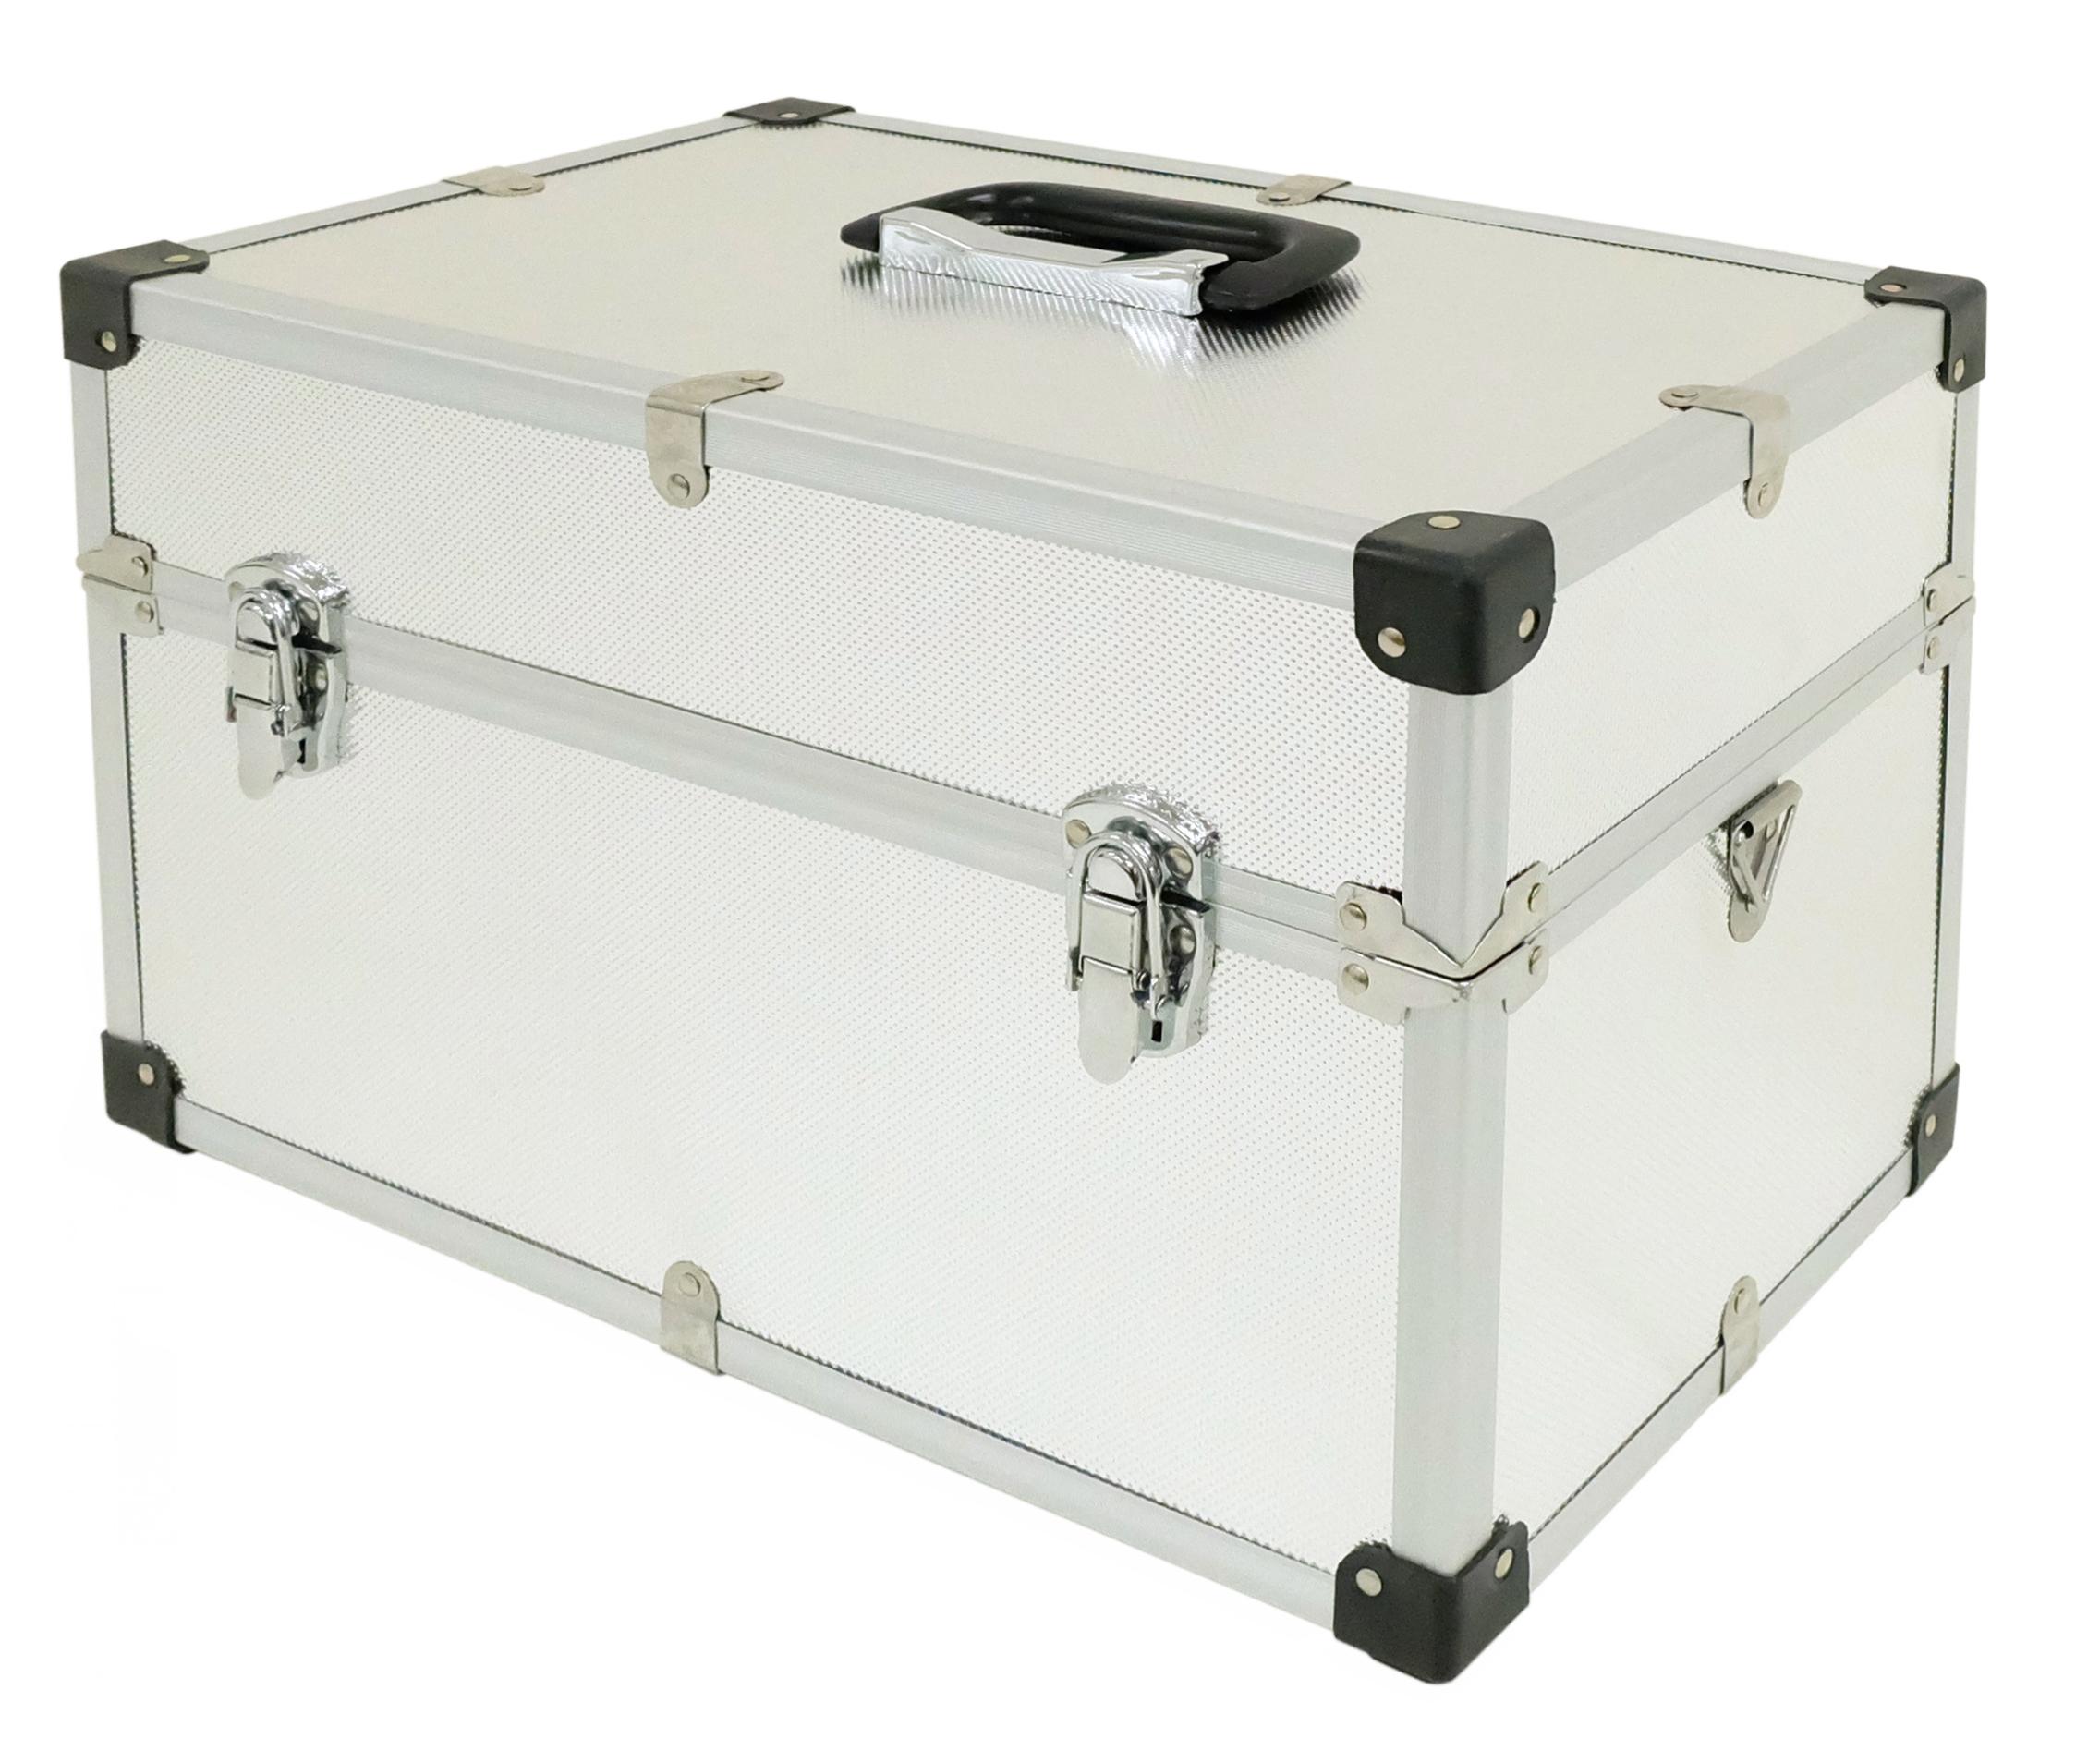 レーザー墨出し器<br/>2台収納ケース<br/>MI-LS2